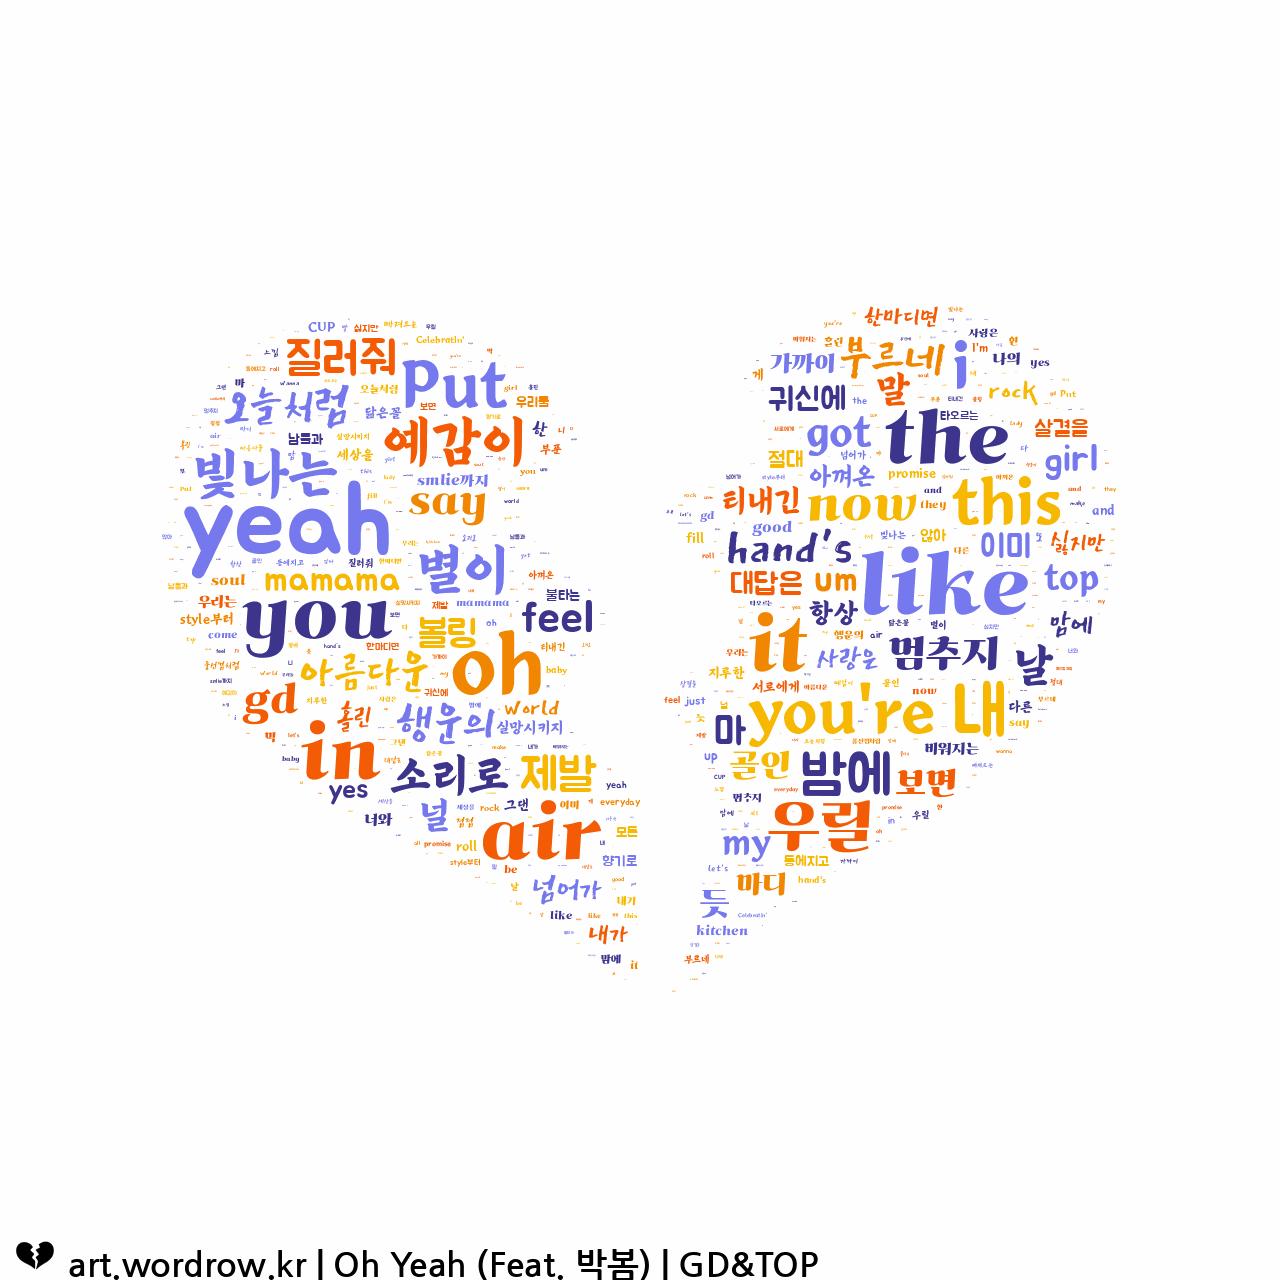 워드 클라우드: Oh Yeah (Feat. 박봄) [GD&TOP]-75